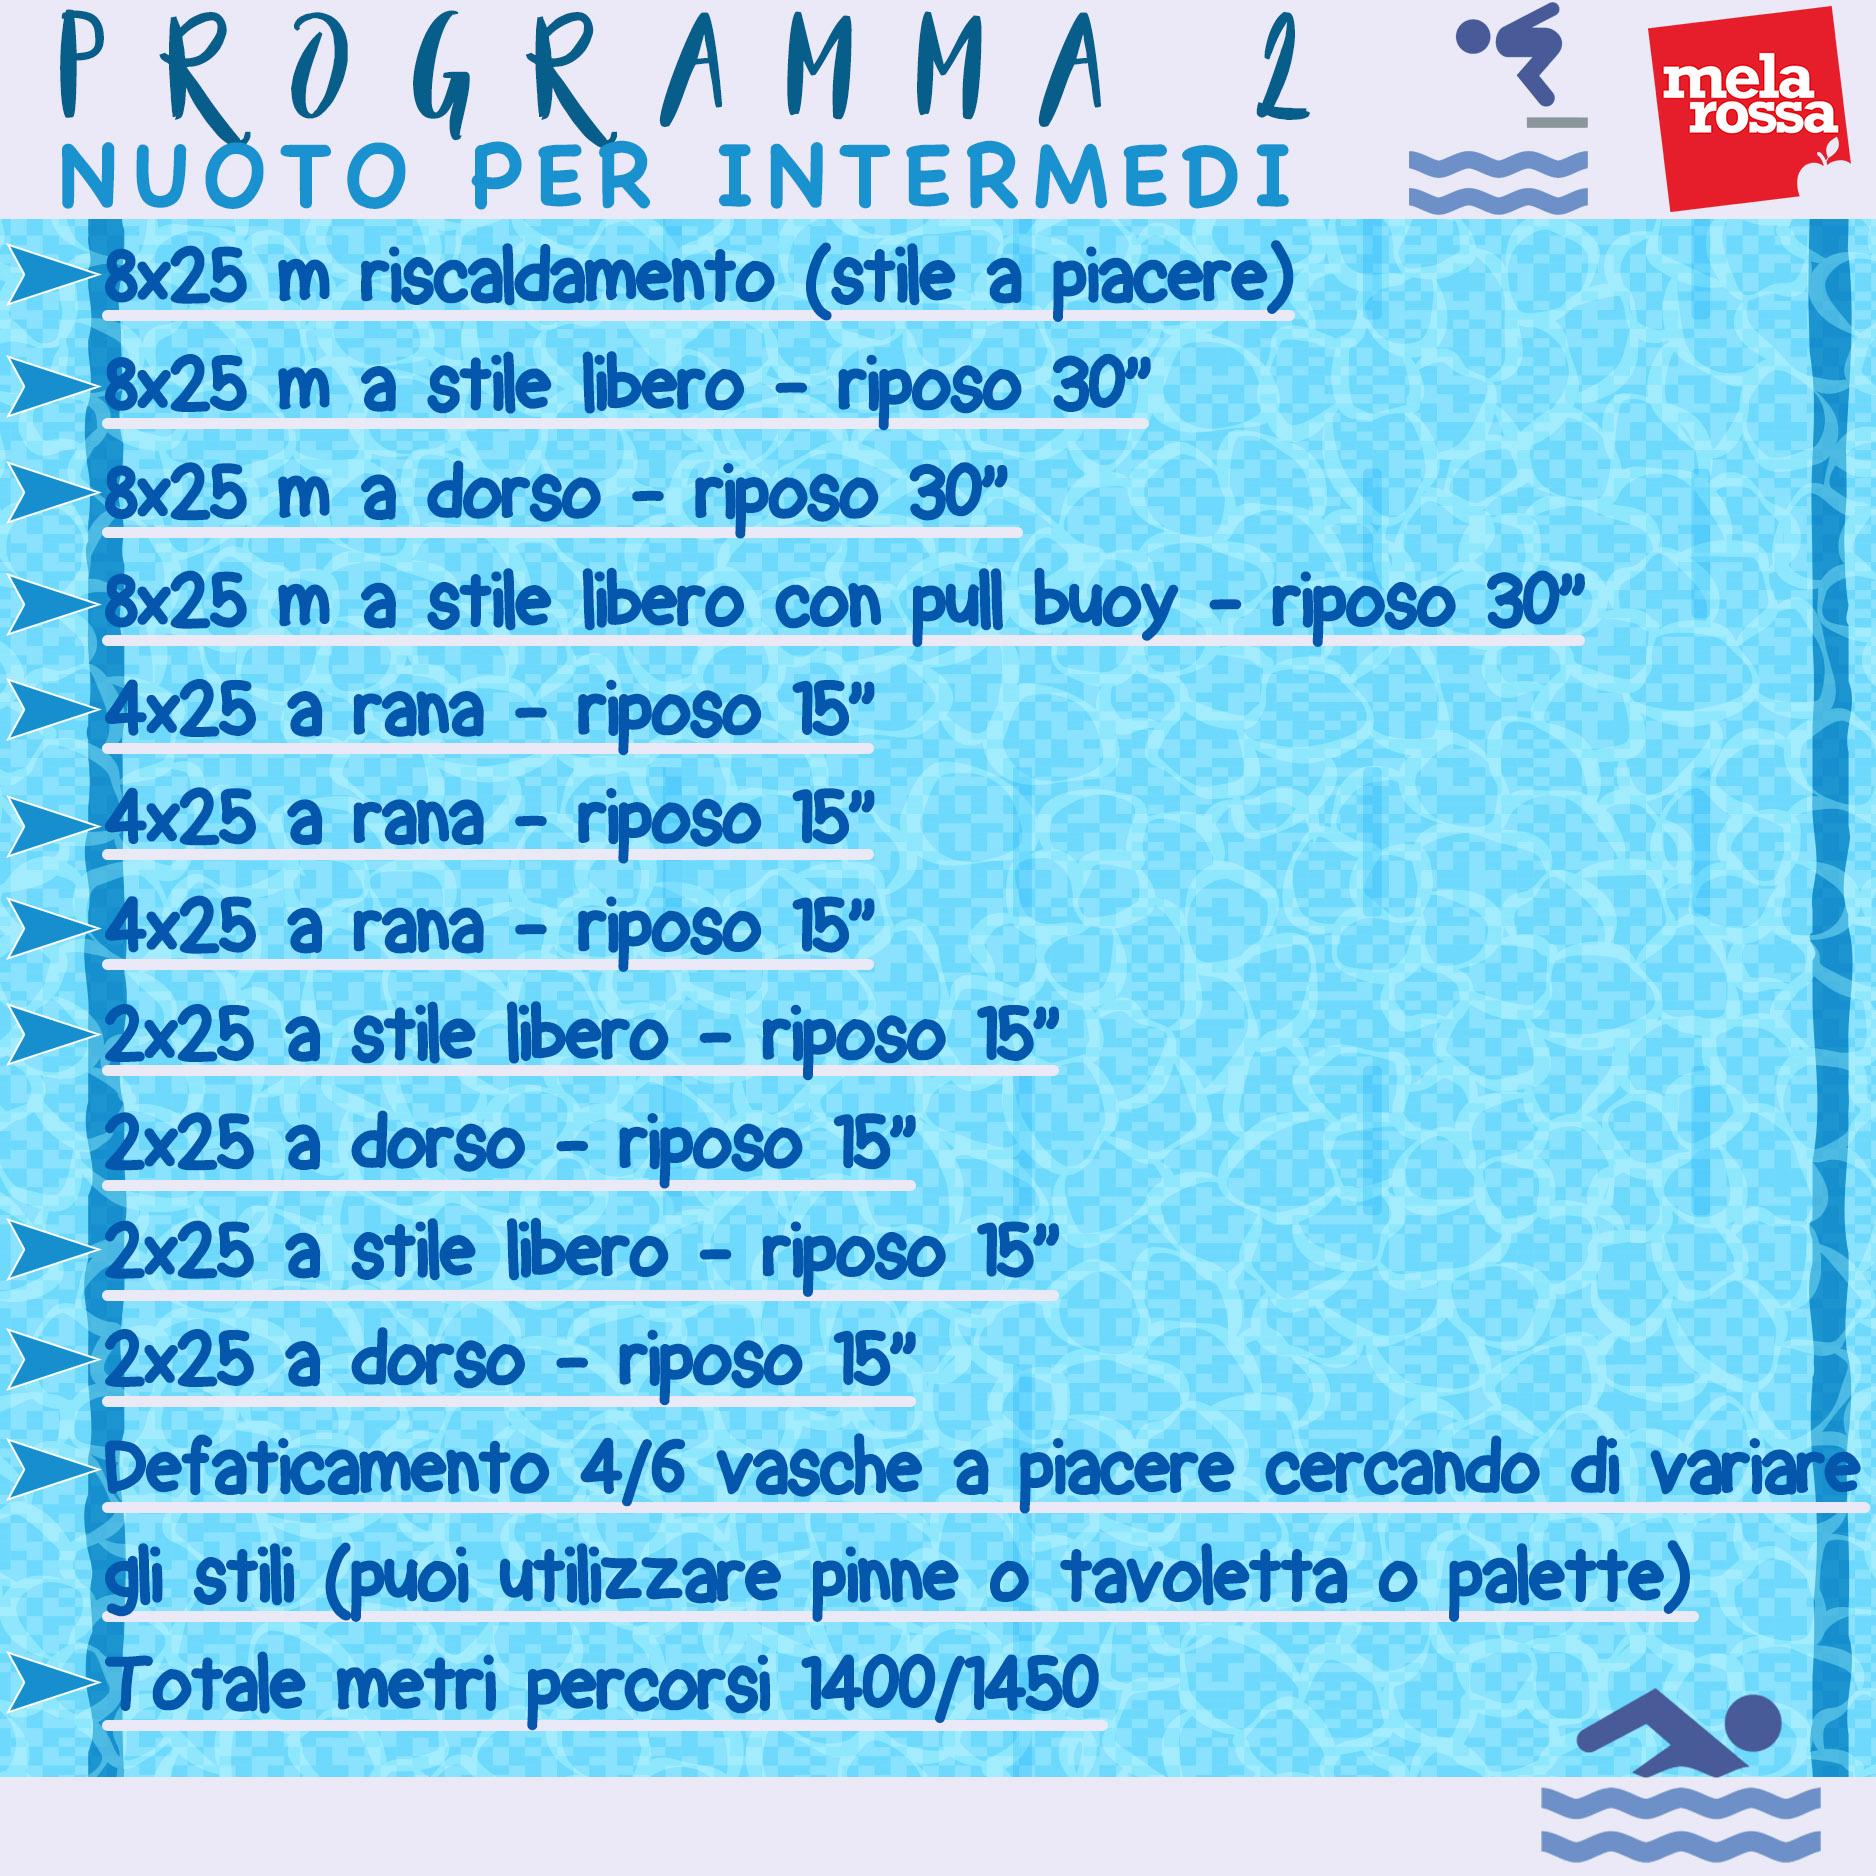 programma-nuoto-intermedio